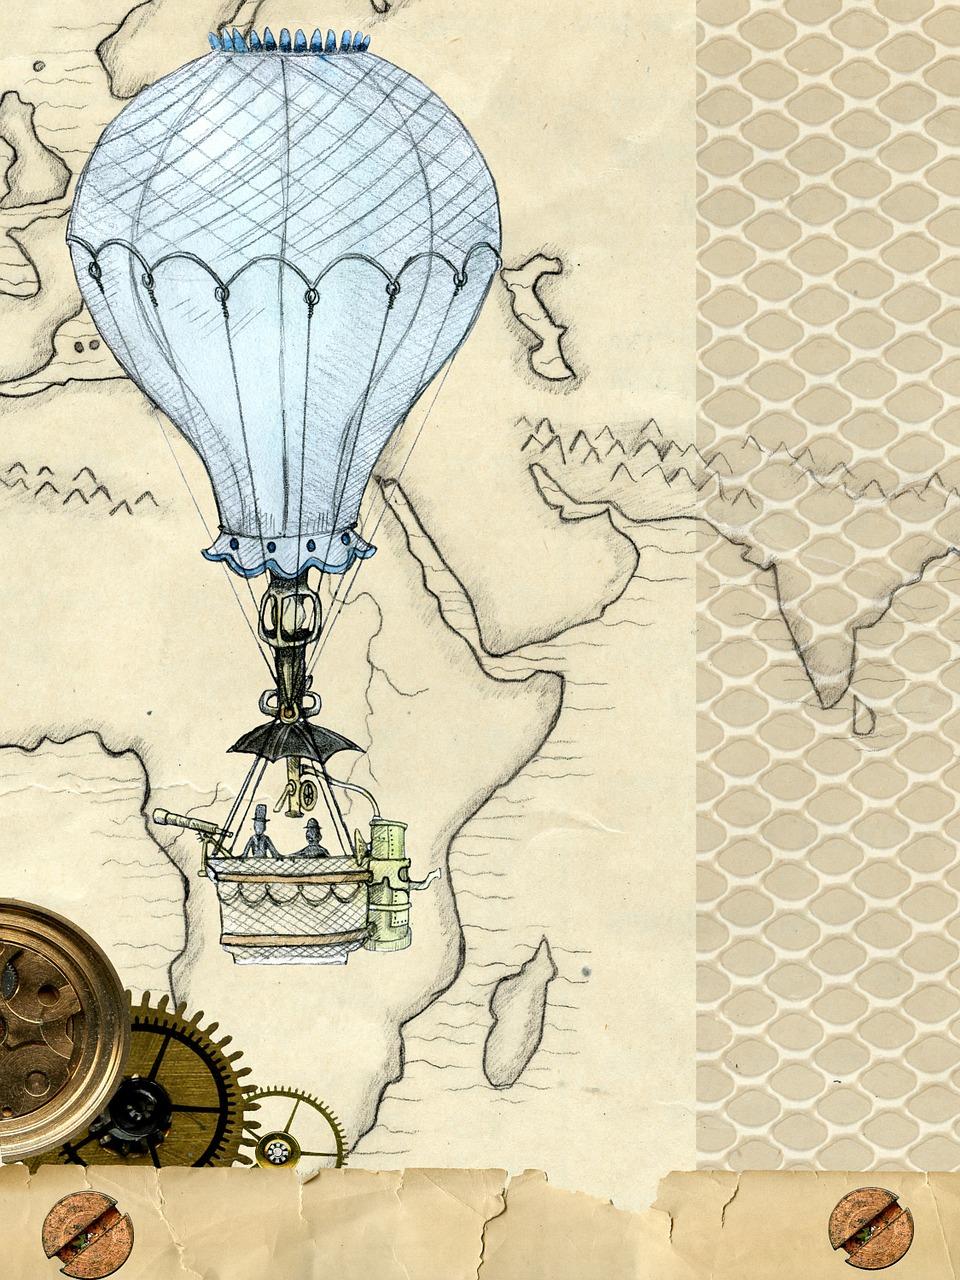 винтажные картинки с воздушными шарами дура